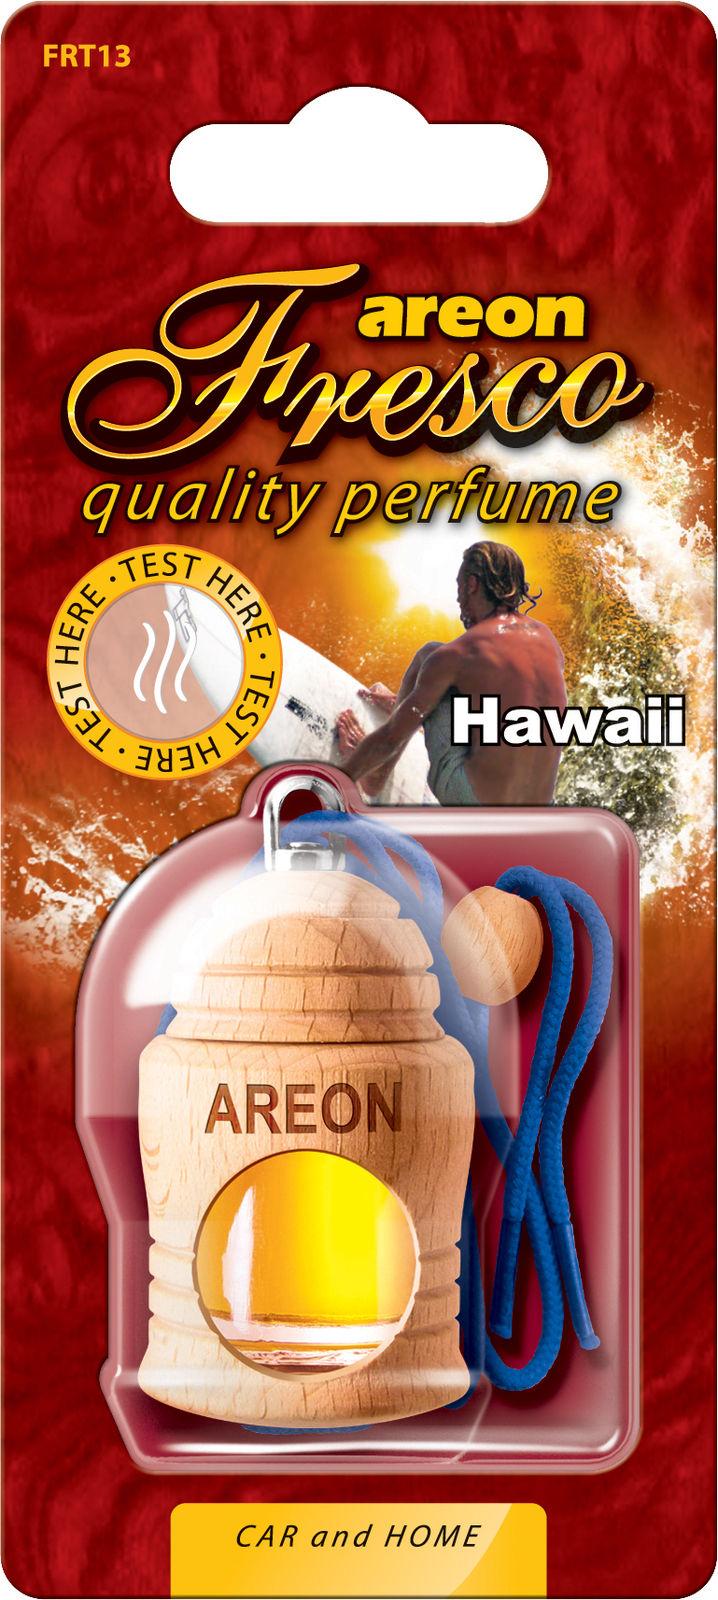 Tinh dầu thiên nhiên AREON hương biển - Fresco Hawaii (NHẬP KHẨU BULGARIA)